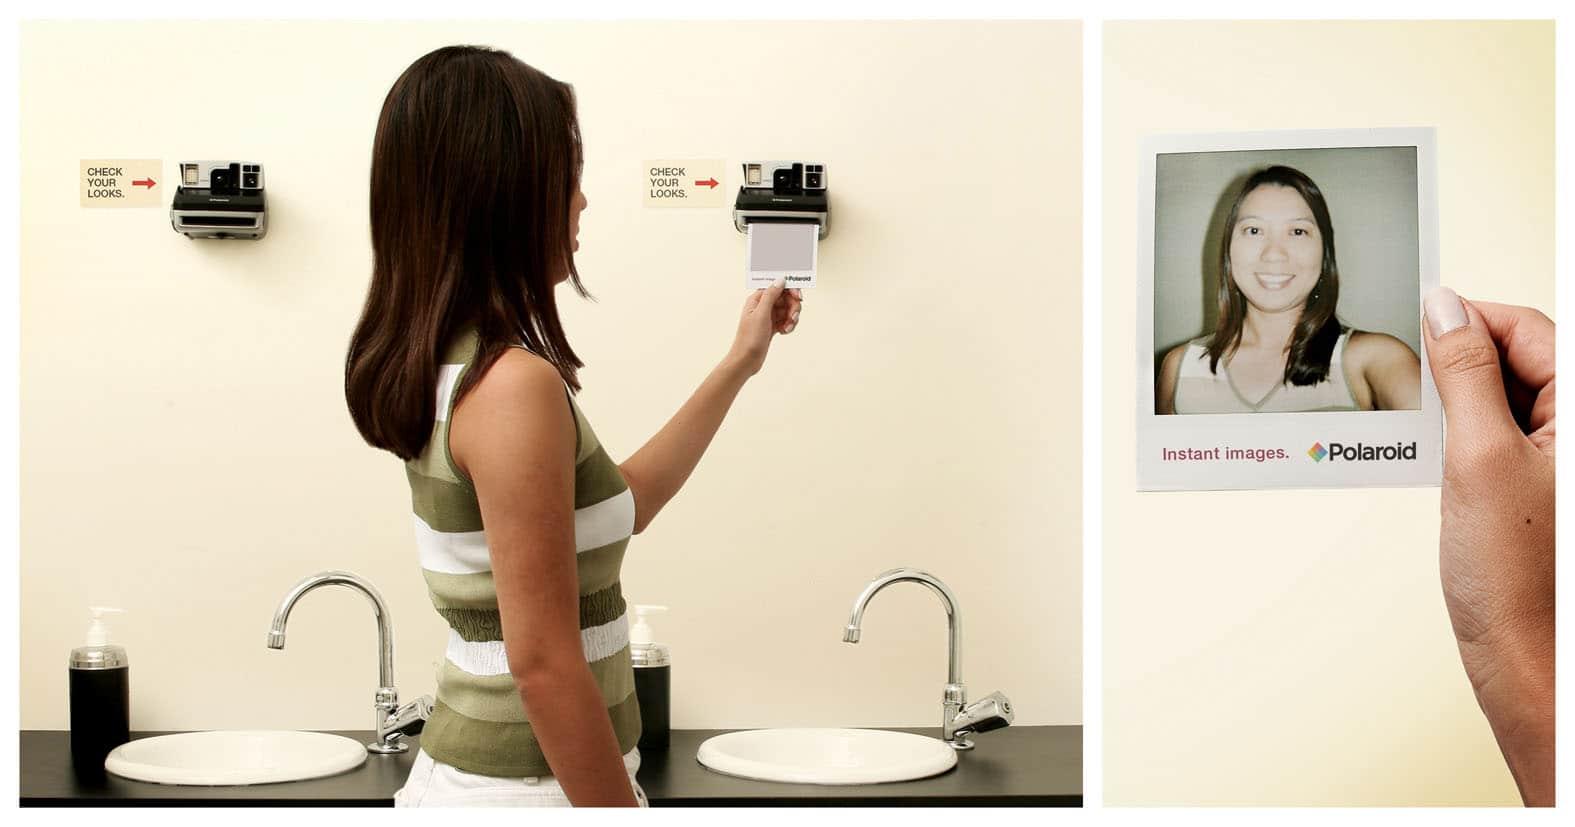 Polaroid-Picture-Bathroom-Mirror-Design